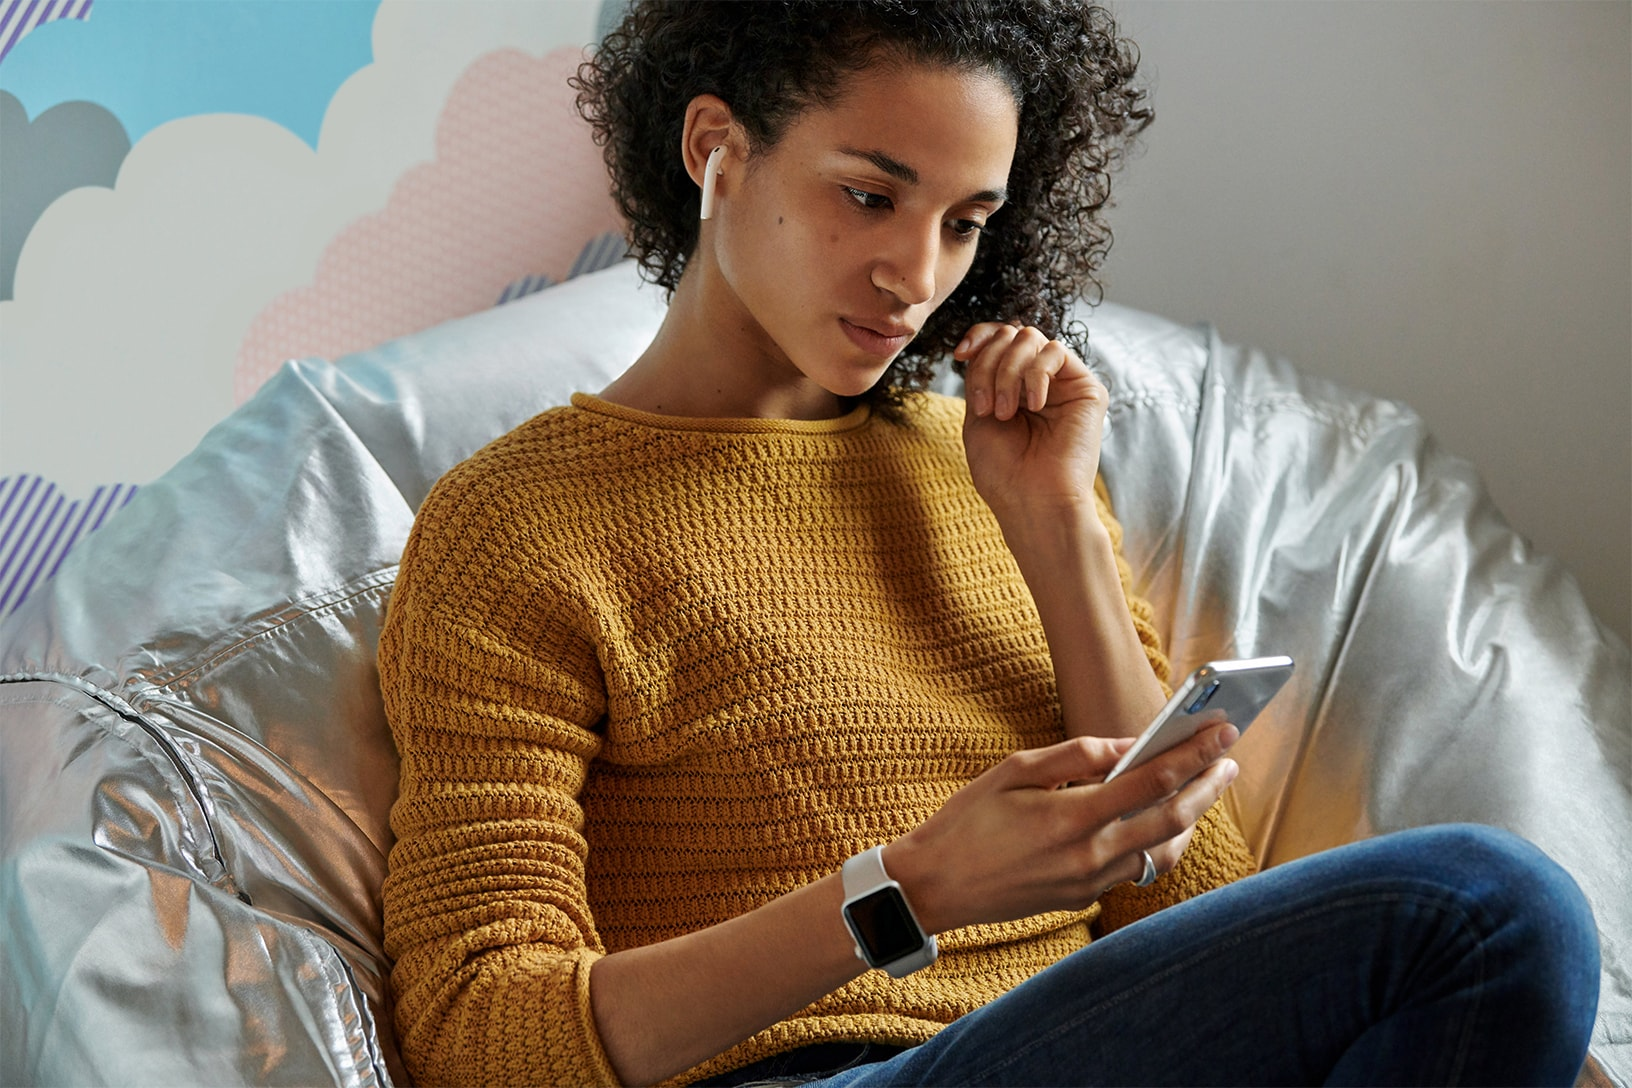 Apple stellt AirPods 2 mit kabelloser Ladehülle vor, Cupertino, Apple, H1, W1, Neuerungen, Hey, Siri, Systemvoraussetzungen, Achtung, Hack4Life, Fabian Geissler